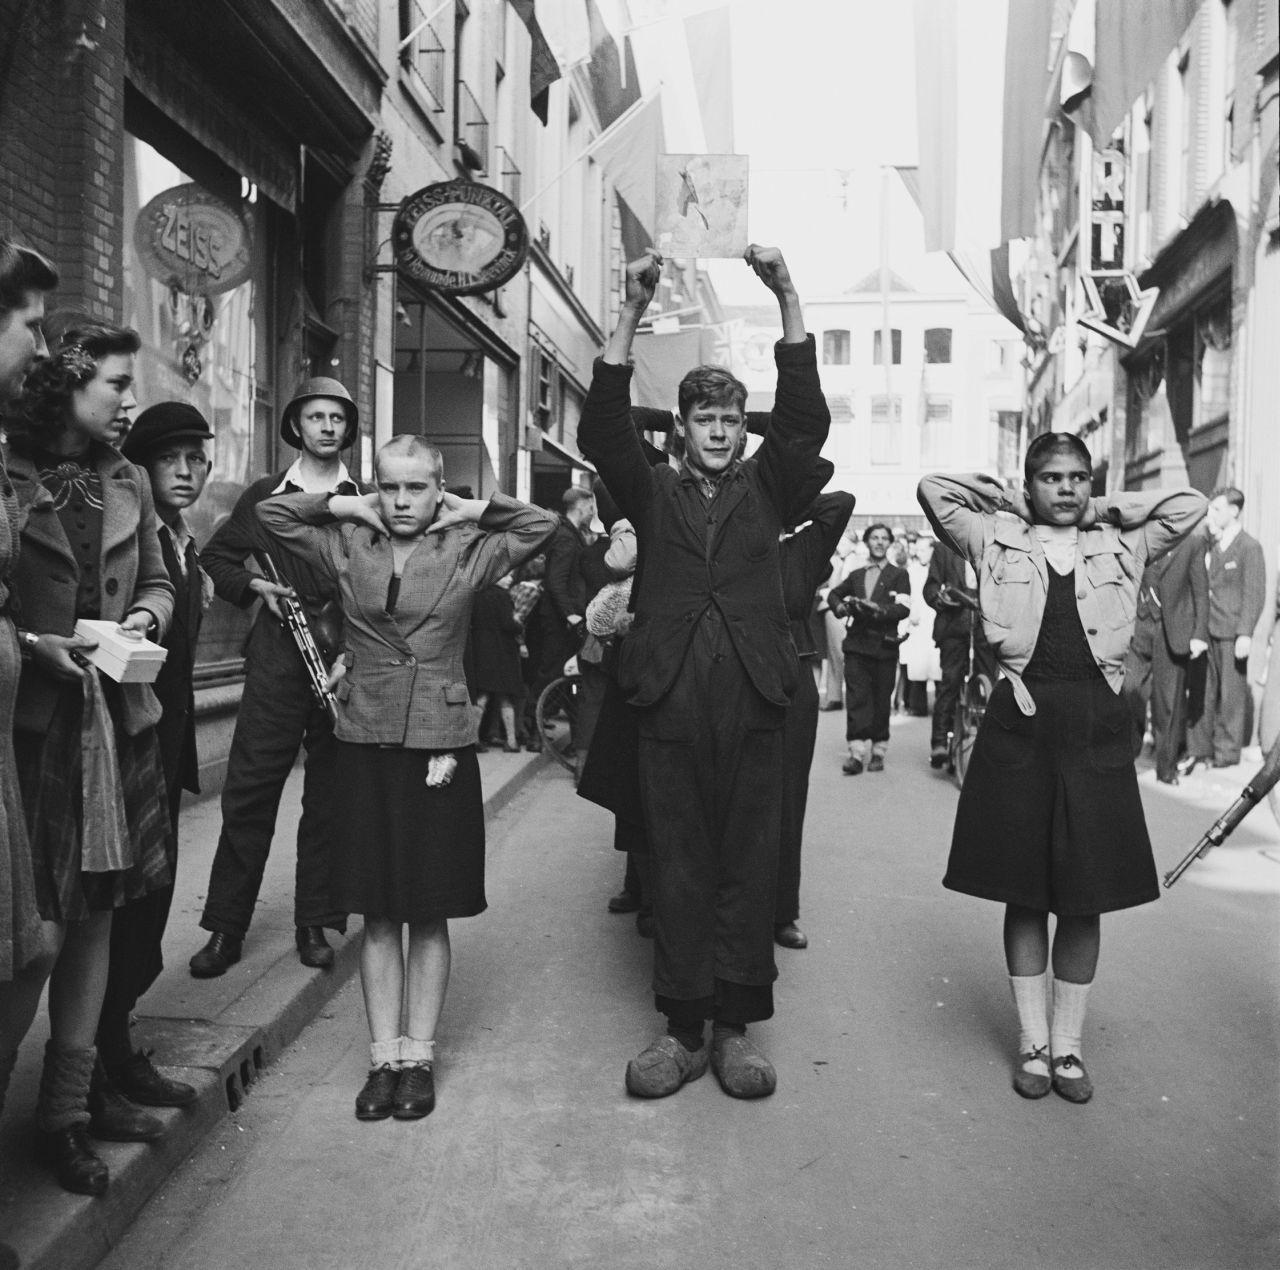 11. April 1945, Deventer: Festgenommene Mitglieder der »Nationaal-Socialistische Beweging in Nederland« (NSB) und kahlgeschorene »Moffenmeiden« werden von niederländischen Widerstandskämpfern durch die Straßen geführt. (Wikimedia Commons, Willem van de Poll, Kaalgeschoren moffenmeiden, CC BY-SA 3.0 NL)